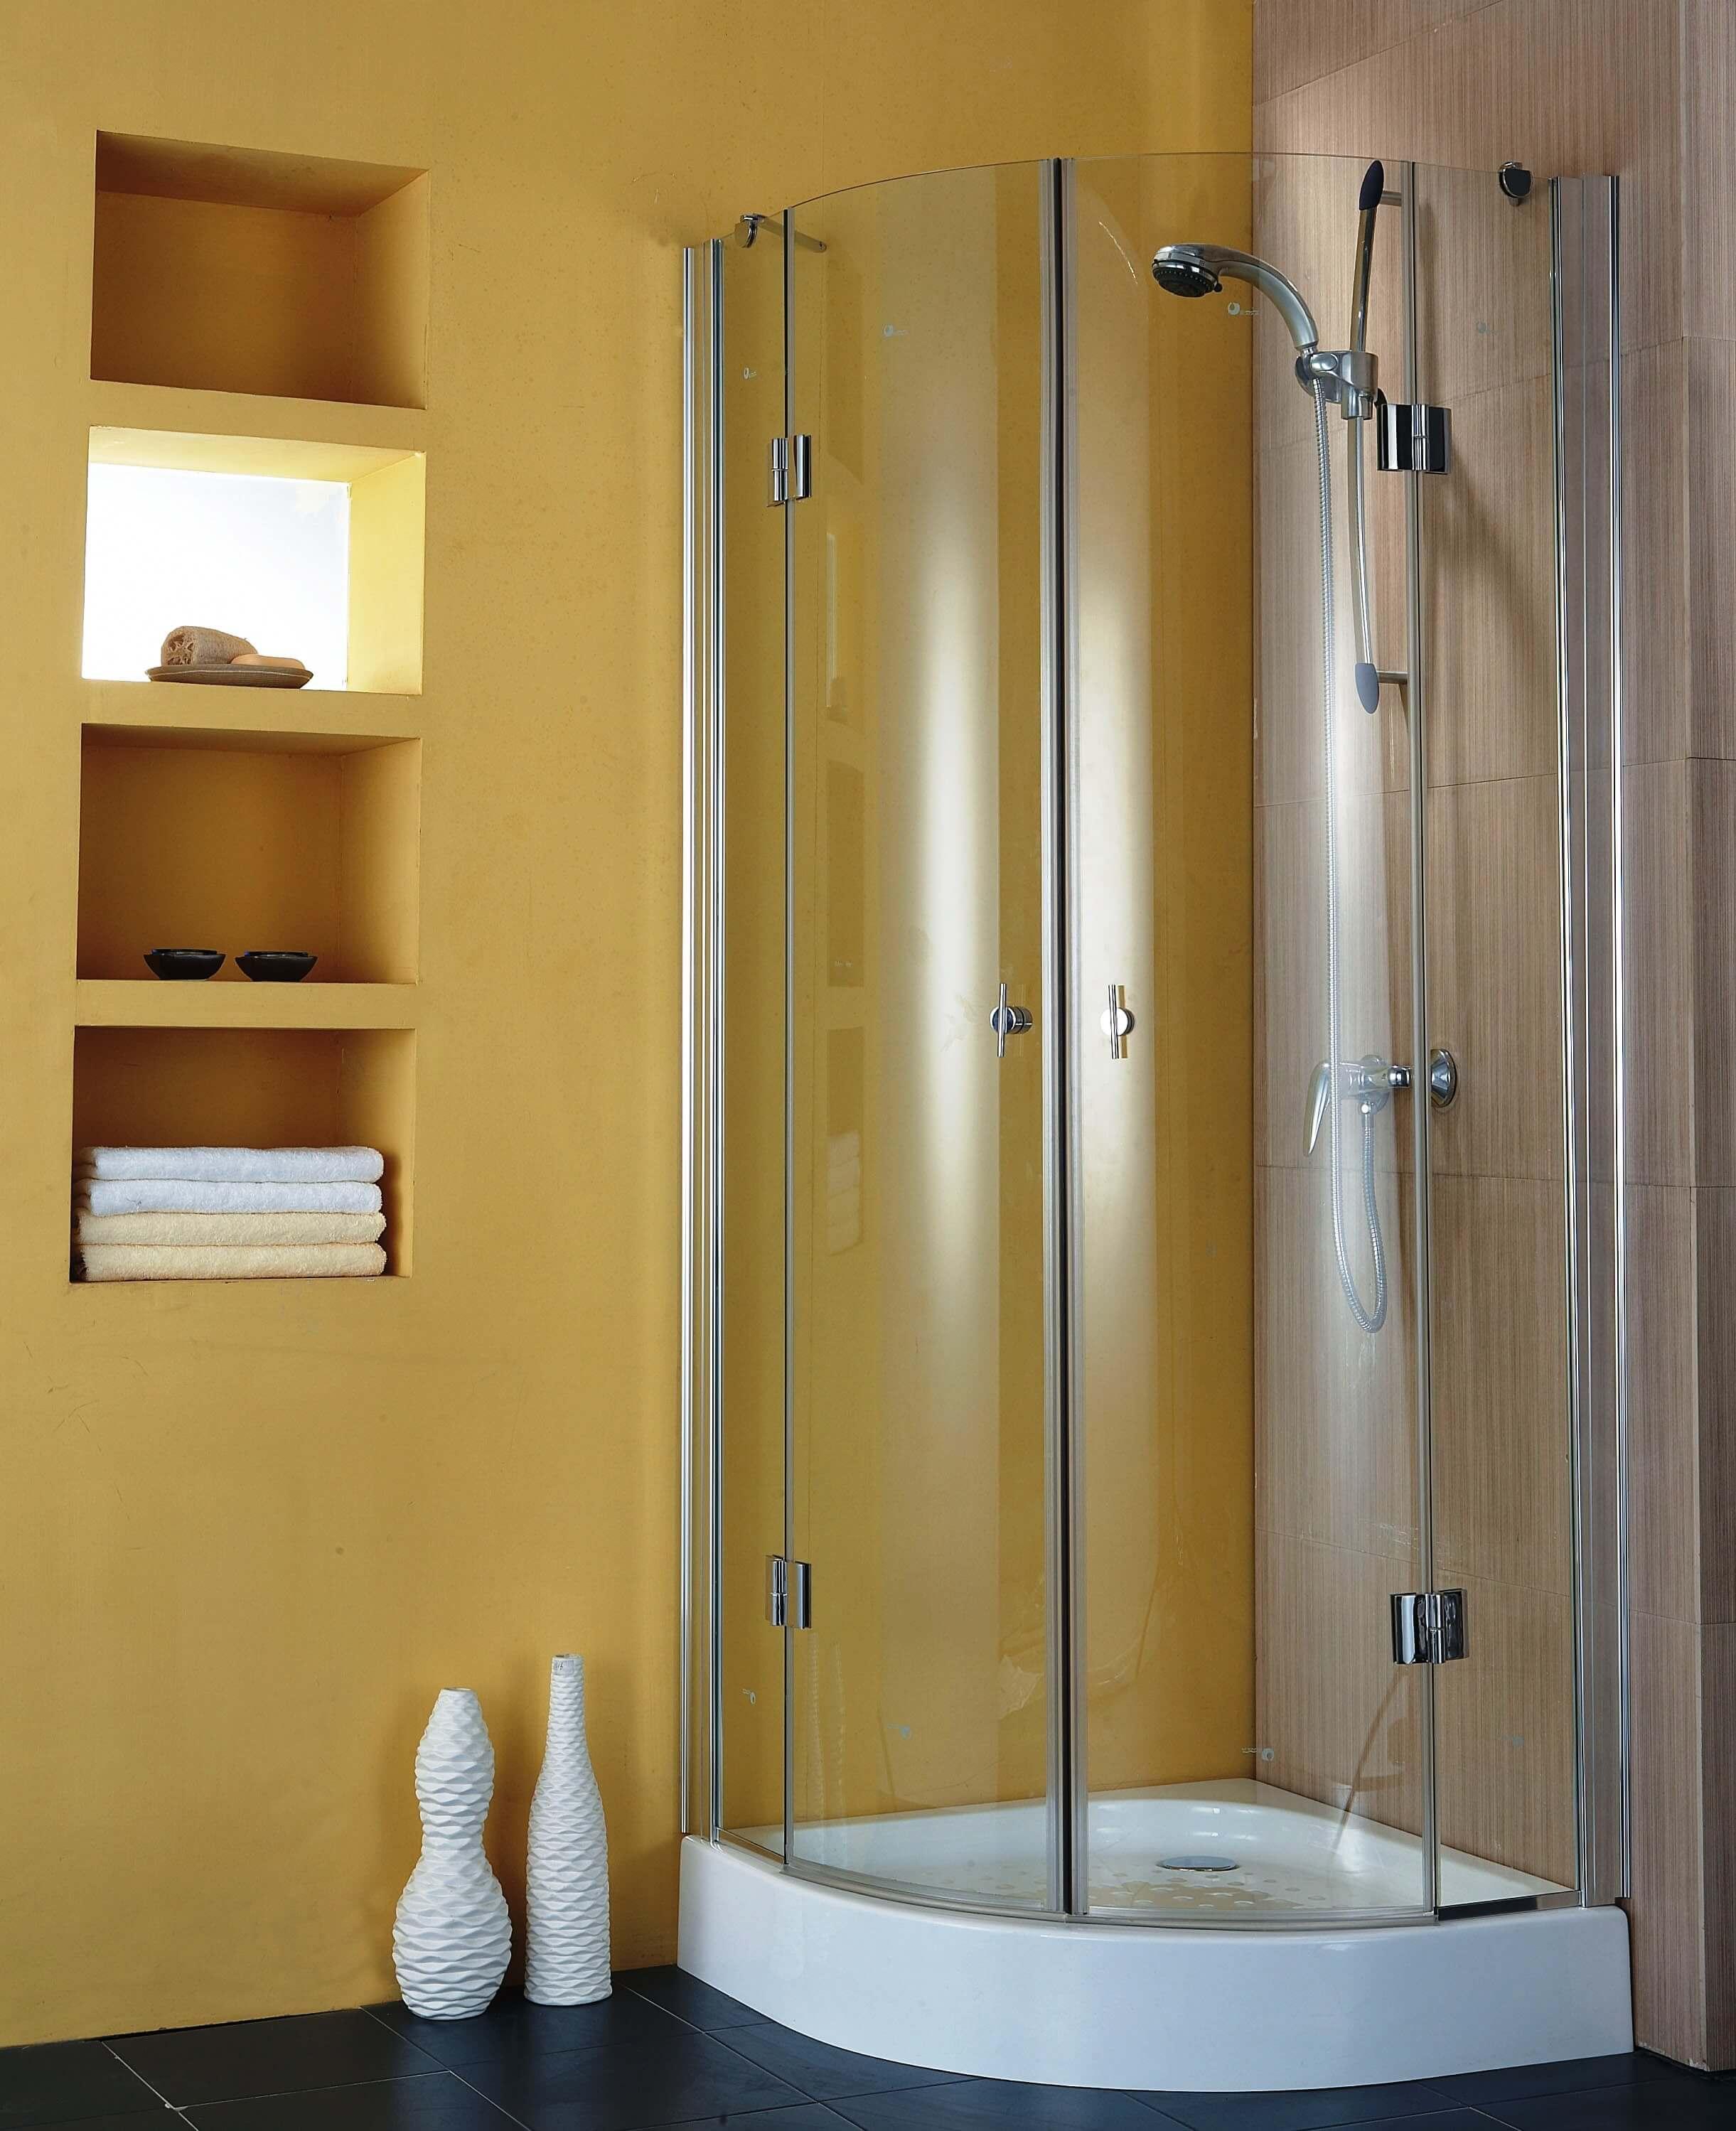 מקלחונים במרכז אפקטיבים ודקורטיבים מעשה ידי אדם